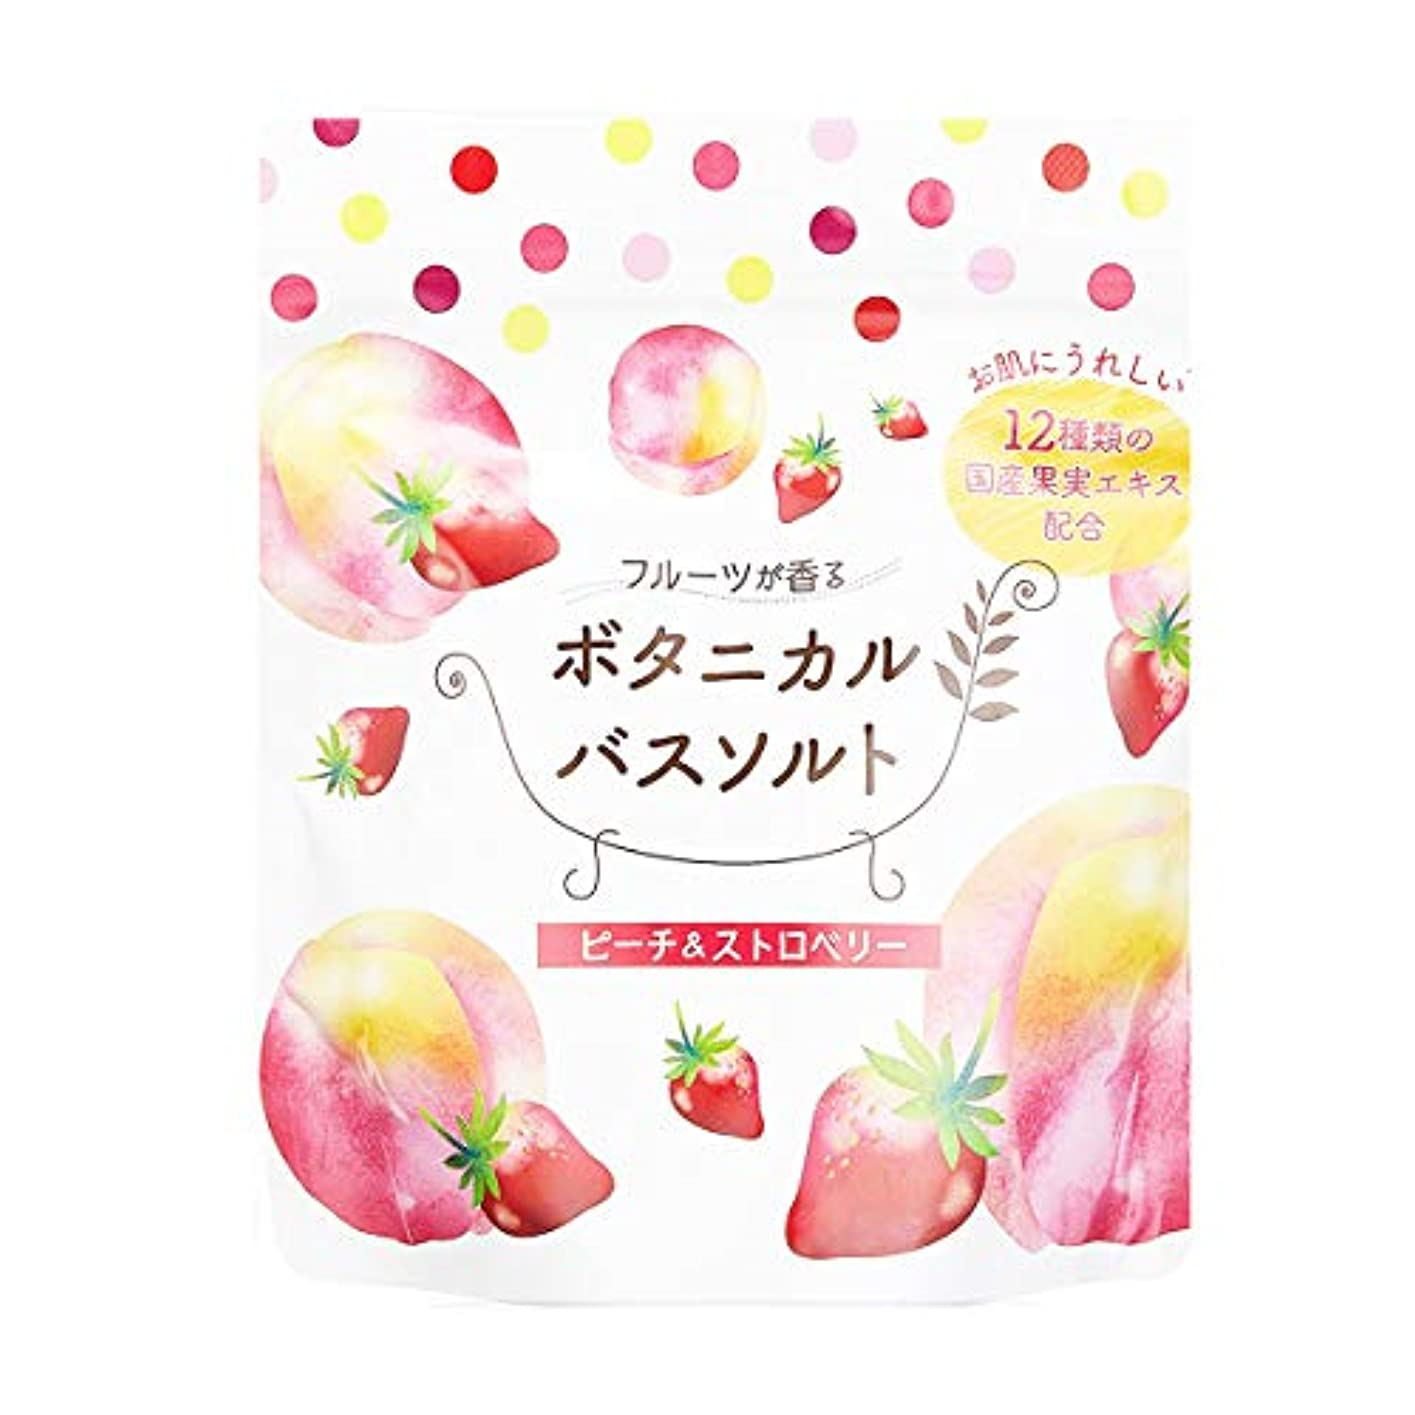 同じデッド取得する松田医薬品 フルーツが香るボタニカルバスソルト ピーチ&ストロベリー 30g